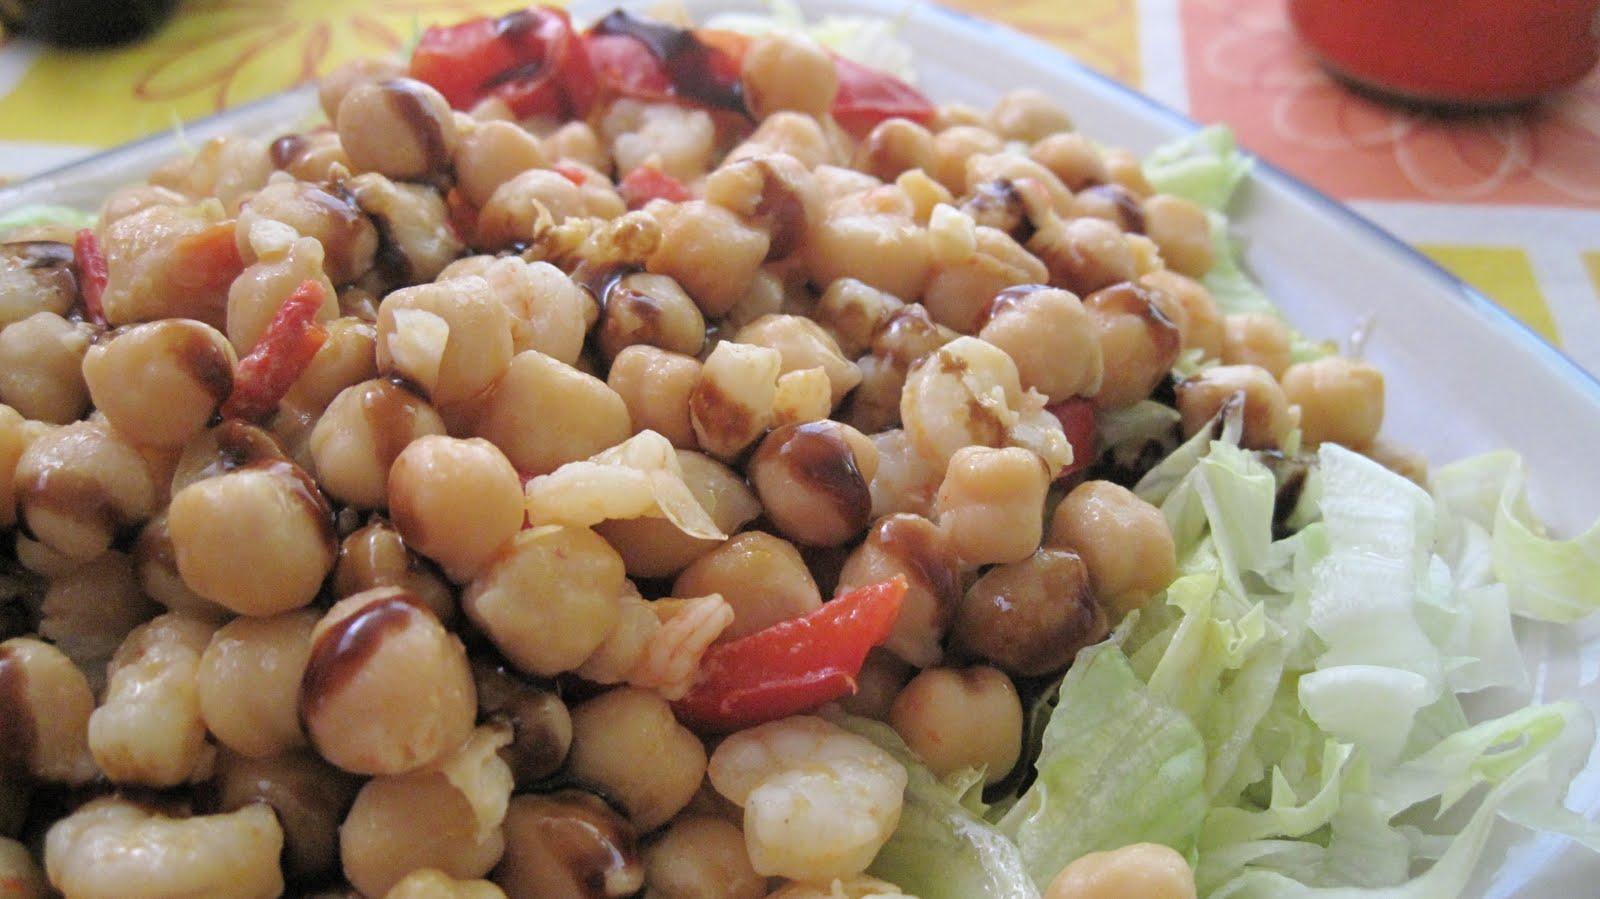 Mis recetas de cocina ensalada de garbanzos templada - Ensalada de garbanzos light ...